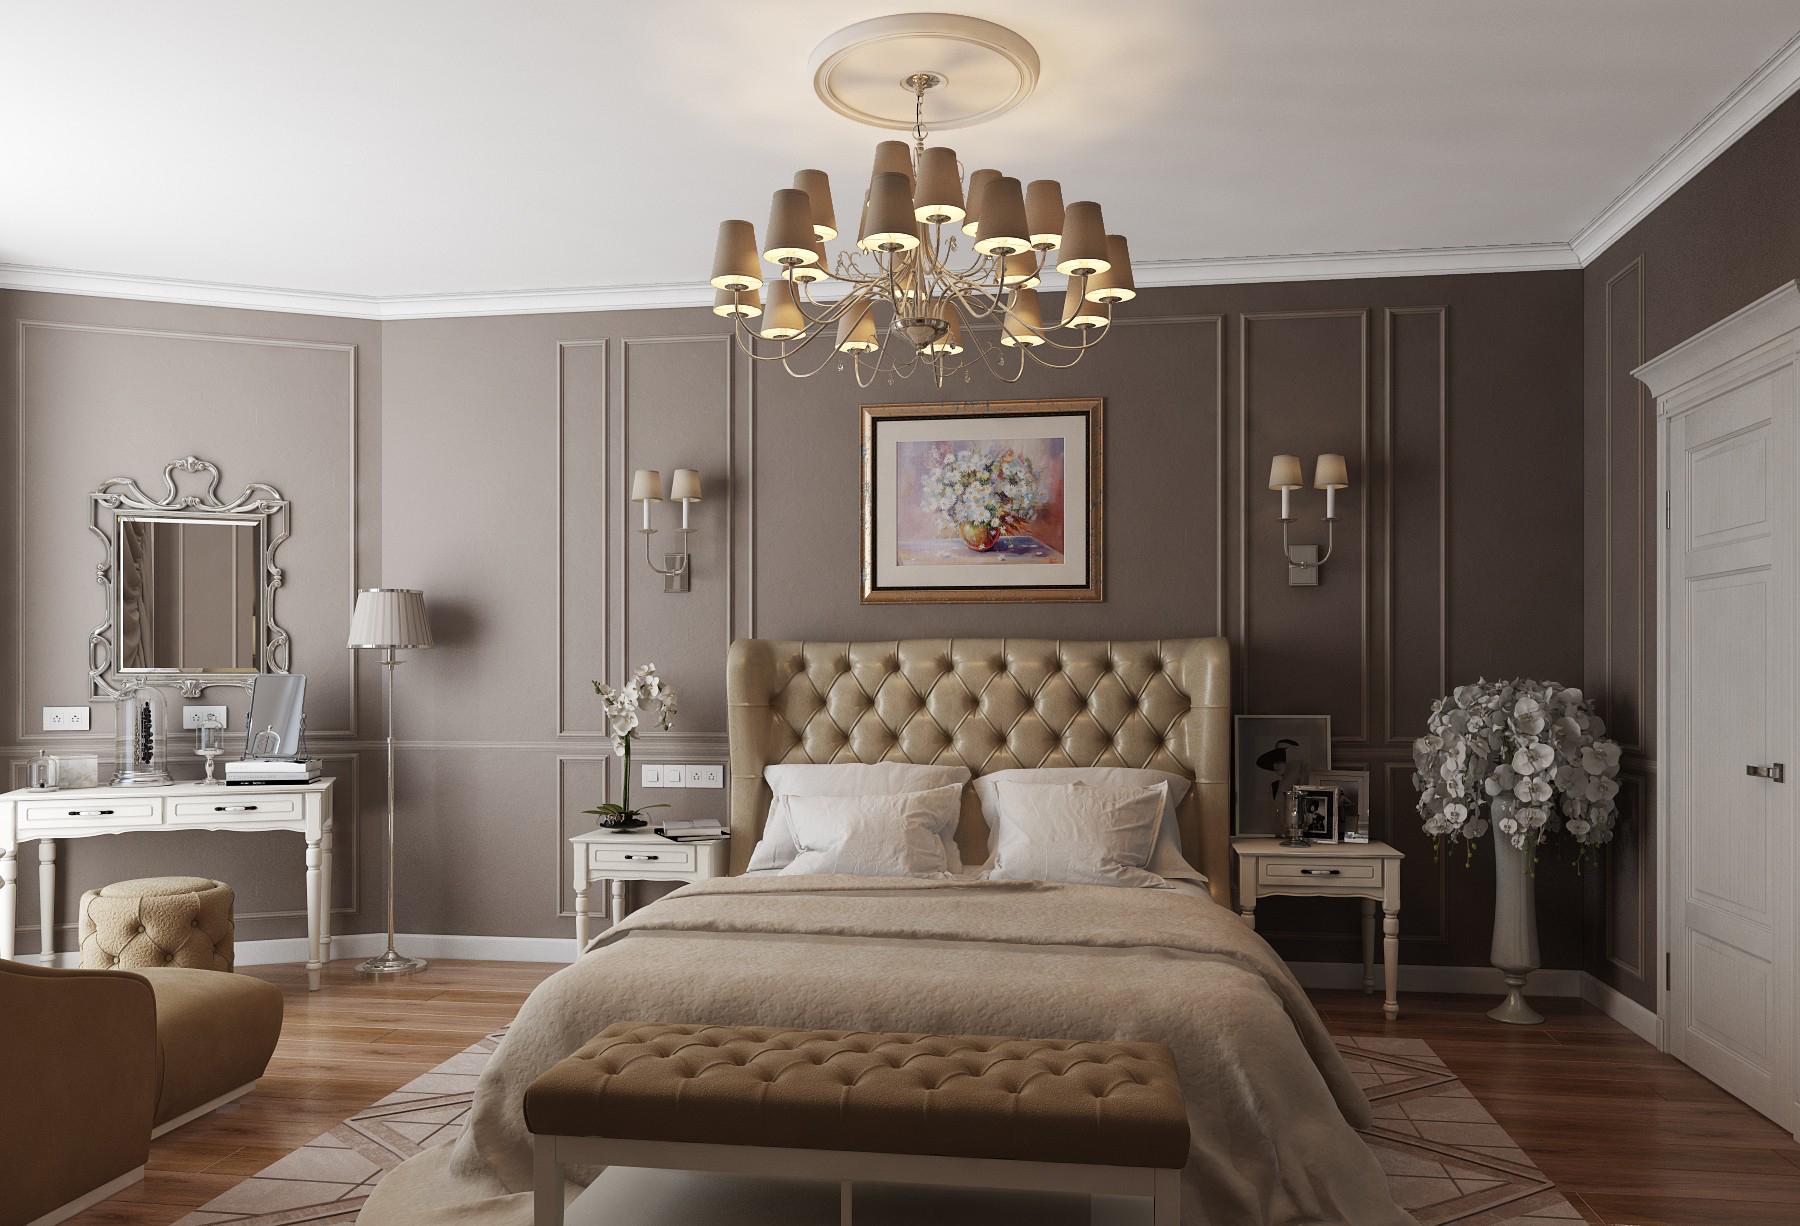 Белый, бежевый и коричневый цвета в спальне в стиле неоклассика